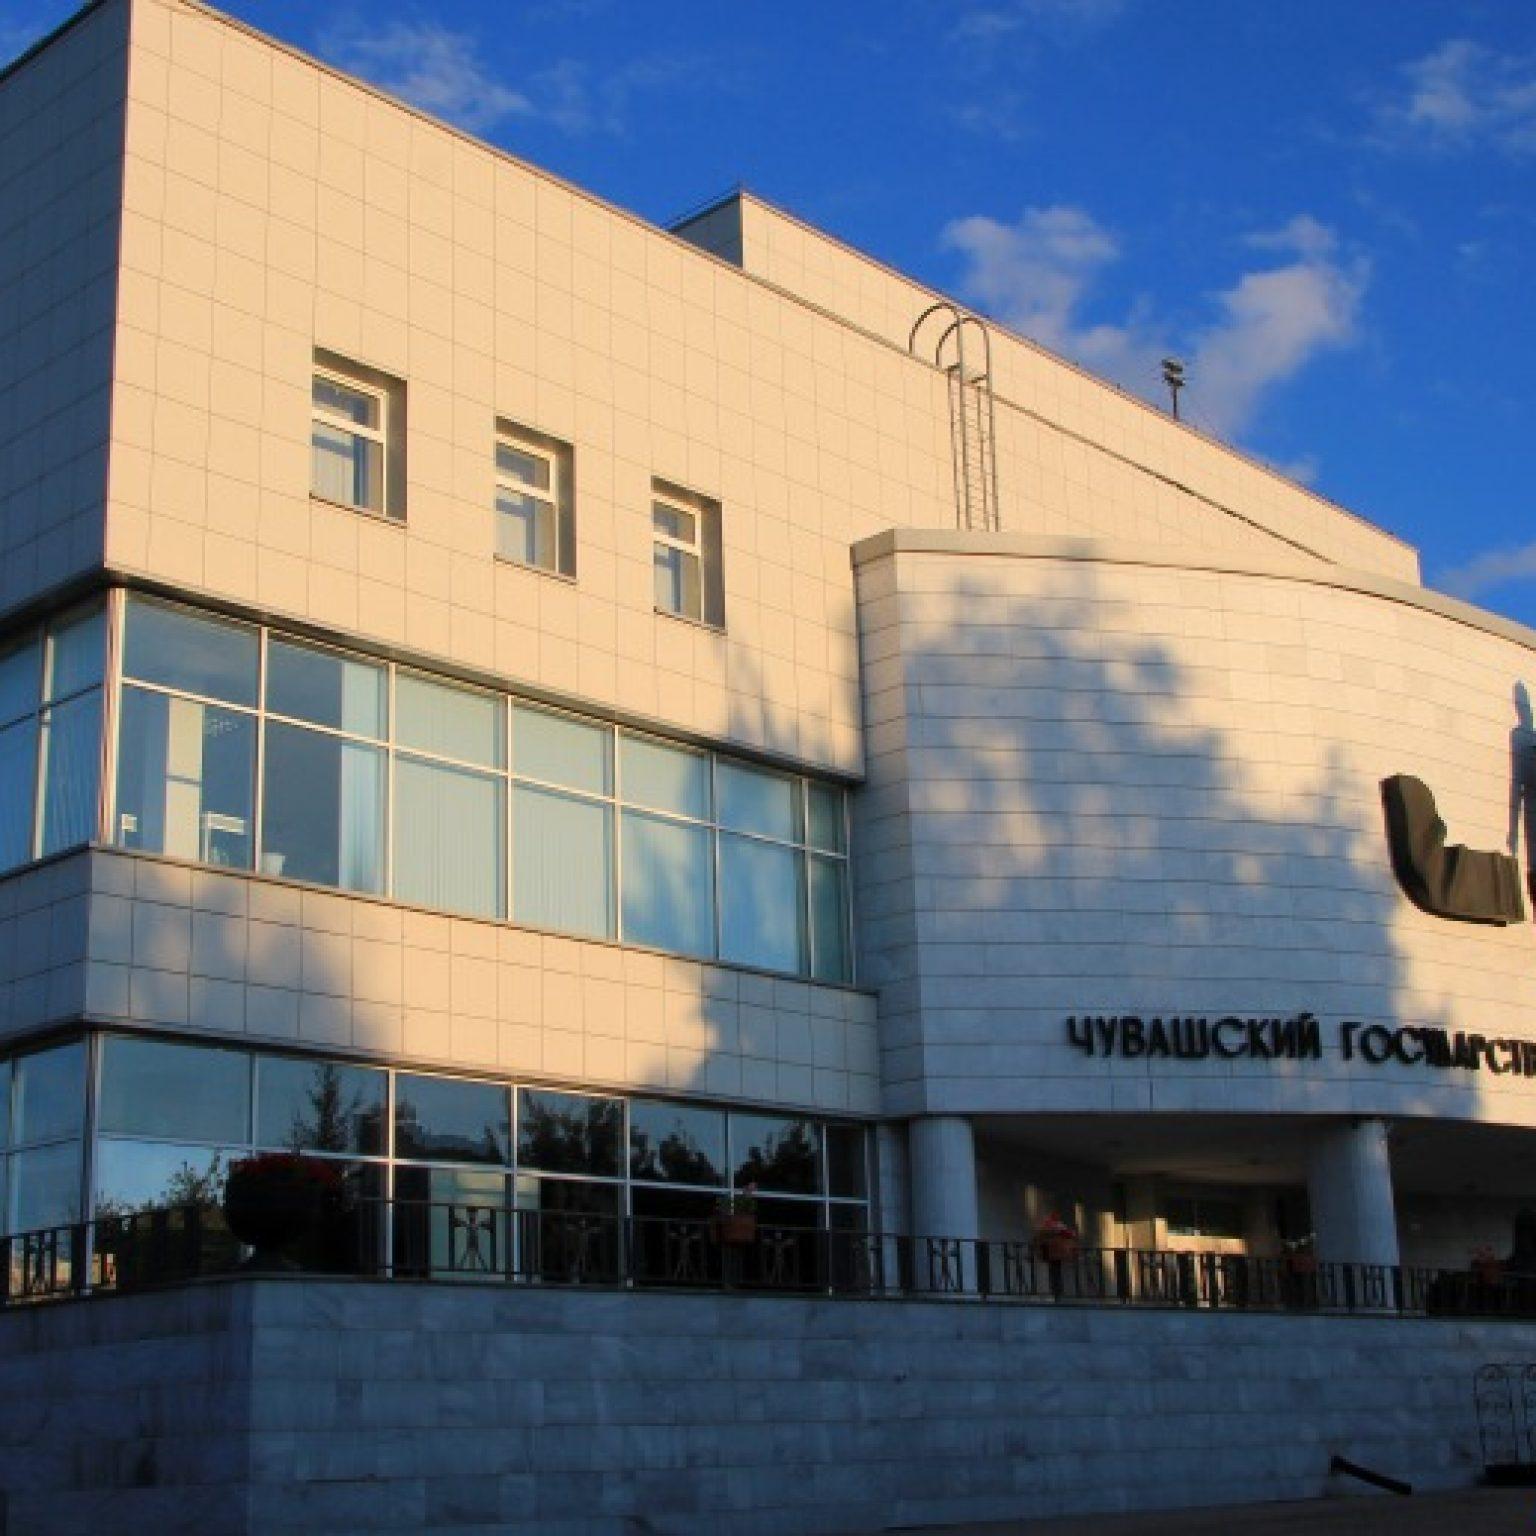 Достопримечательности Чебоксар: Чувашский художественный музей